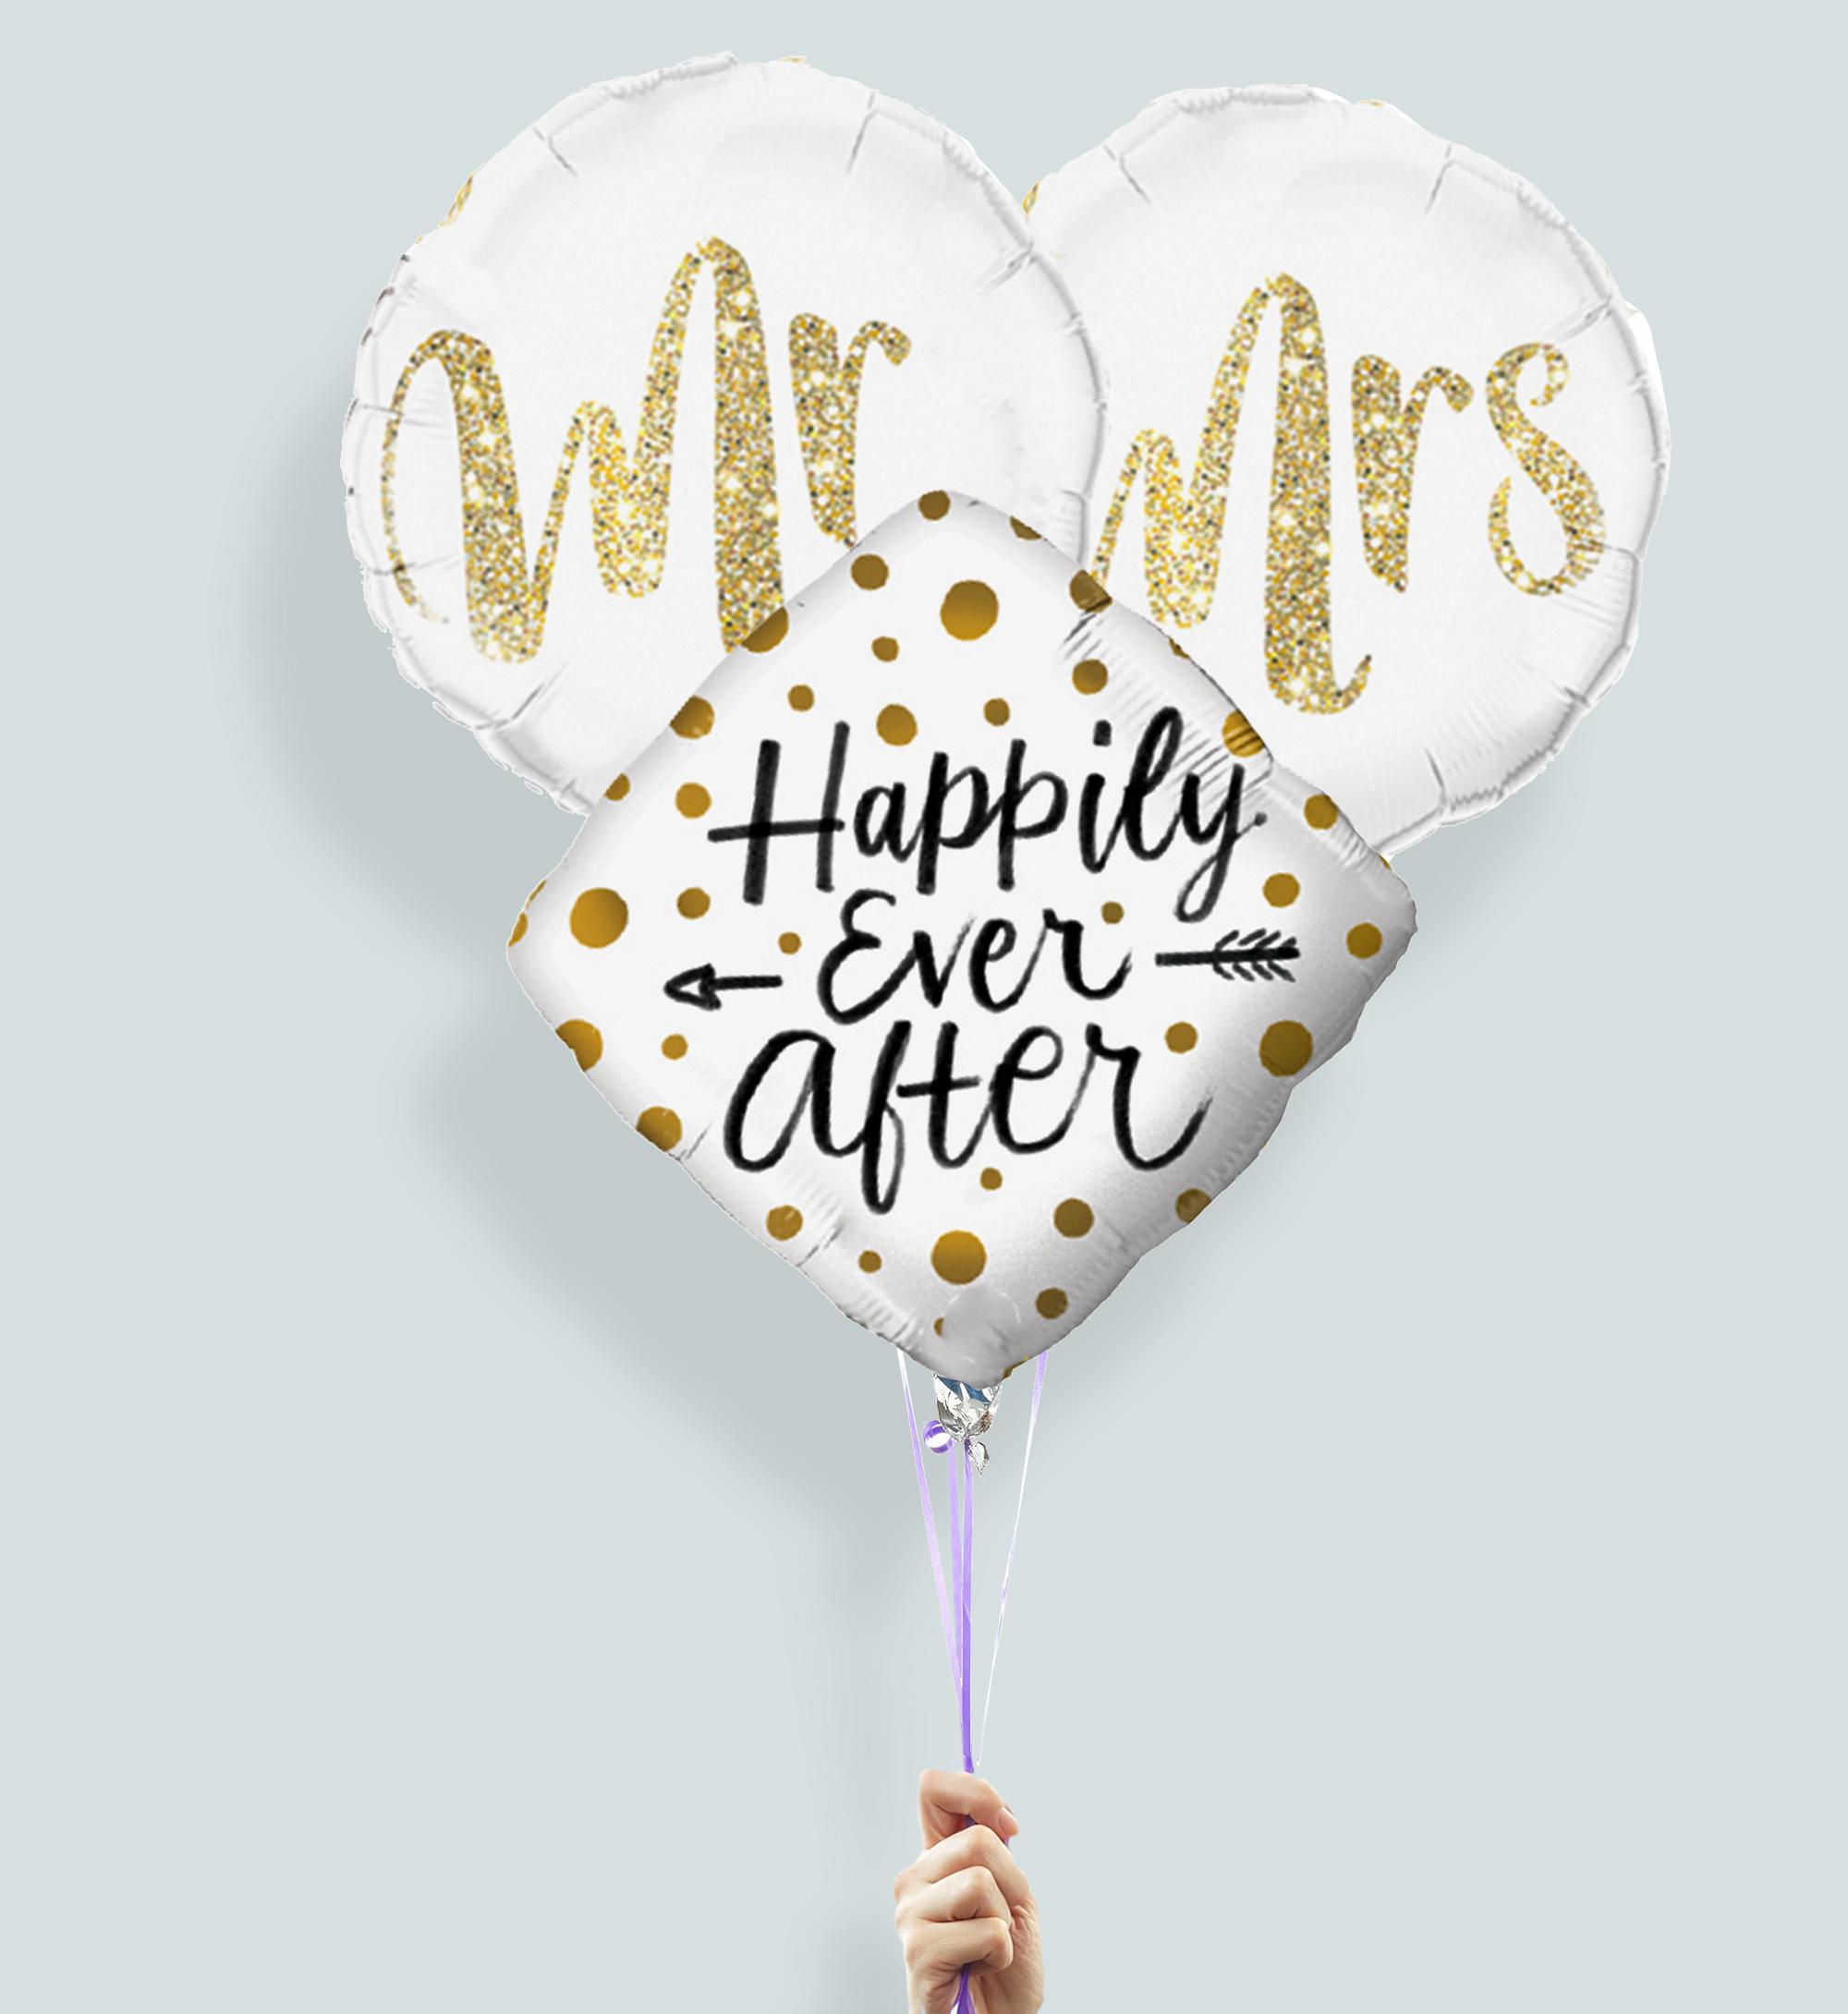 Gefeliciteerd met jullie trouwdag helium ballonnen